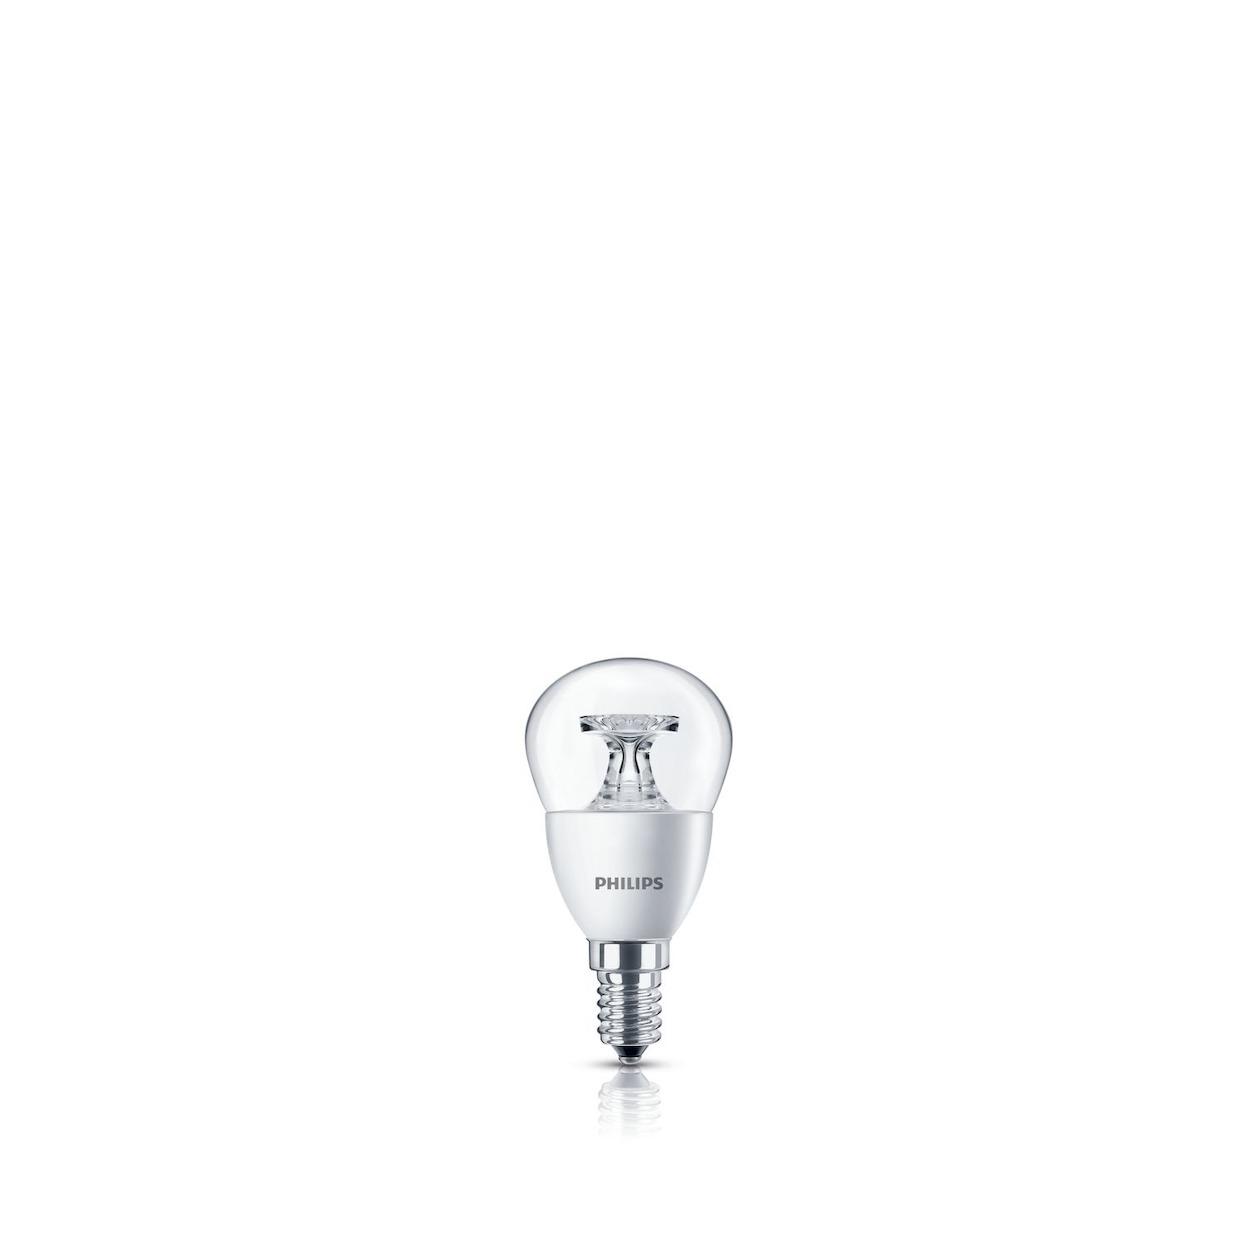 Philips LED lamp E14 4W 250Lm kogel helder